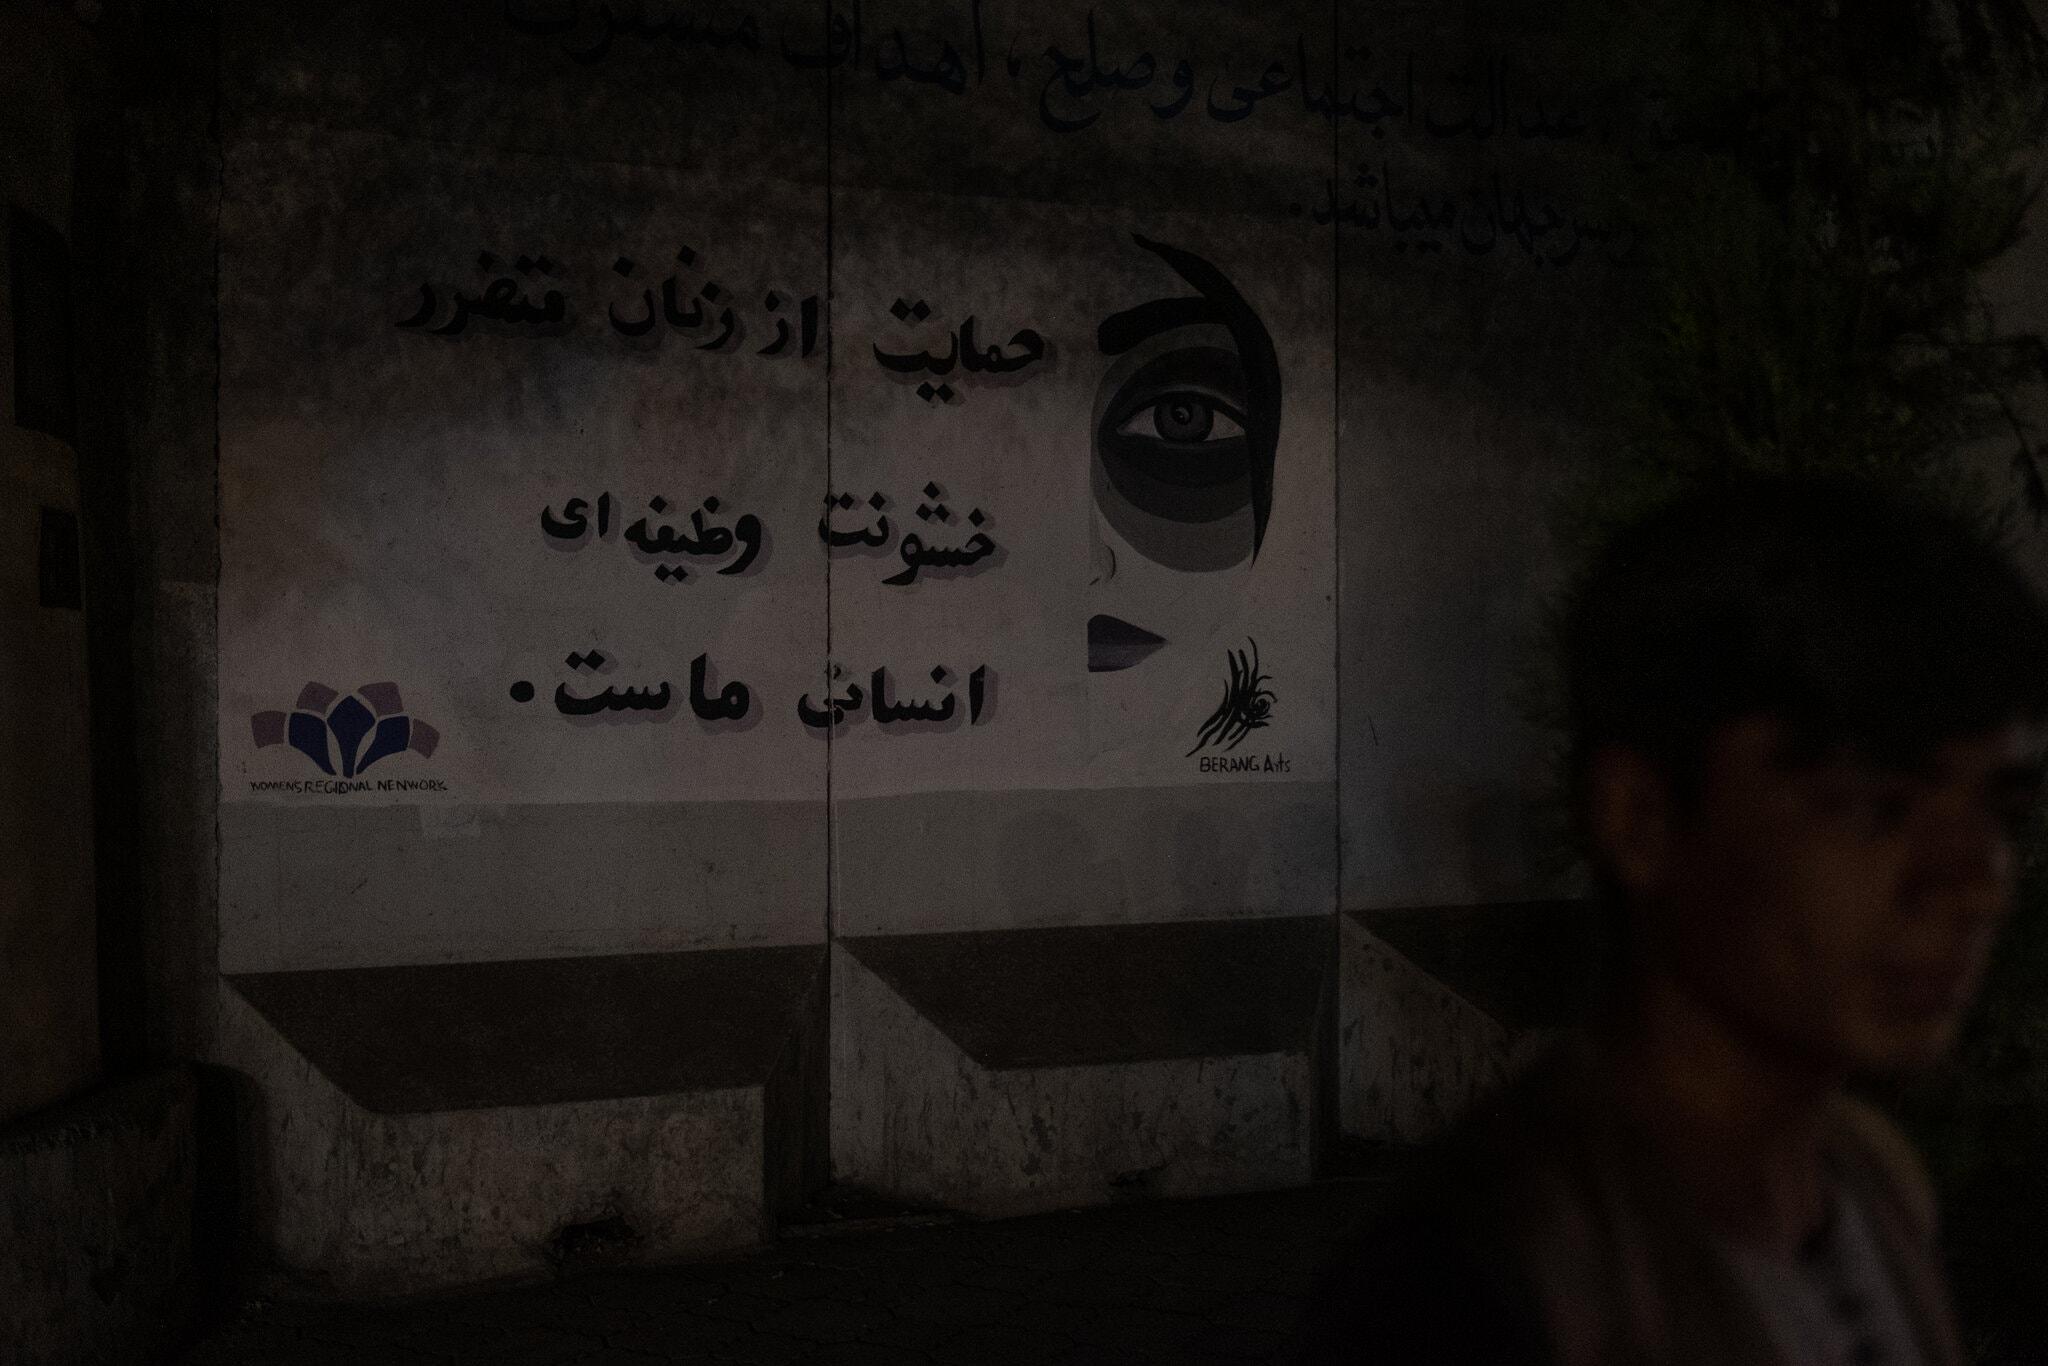 افغانستان؛ تبدیل وزارتخانه زنان به مرکز امر به معروف